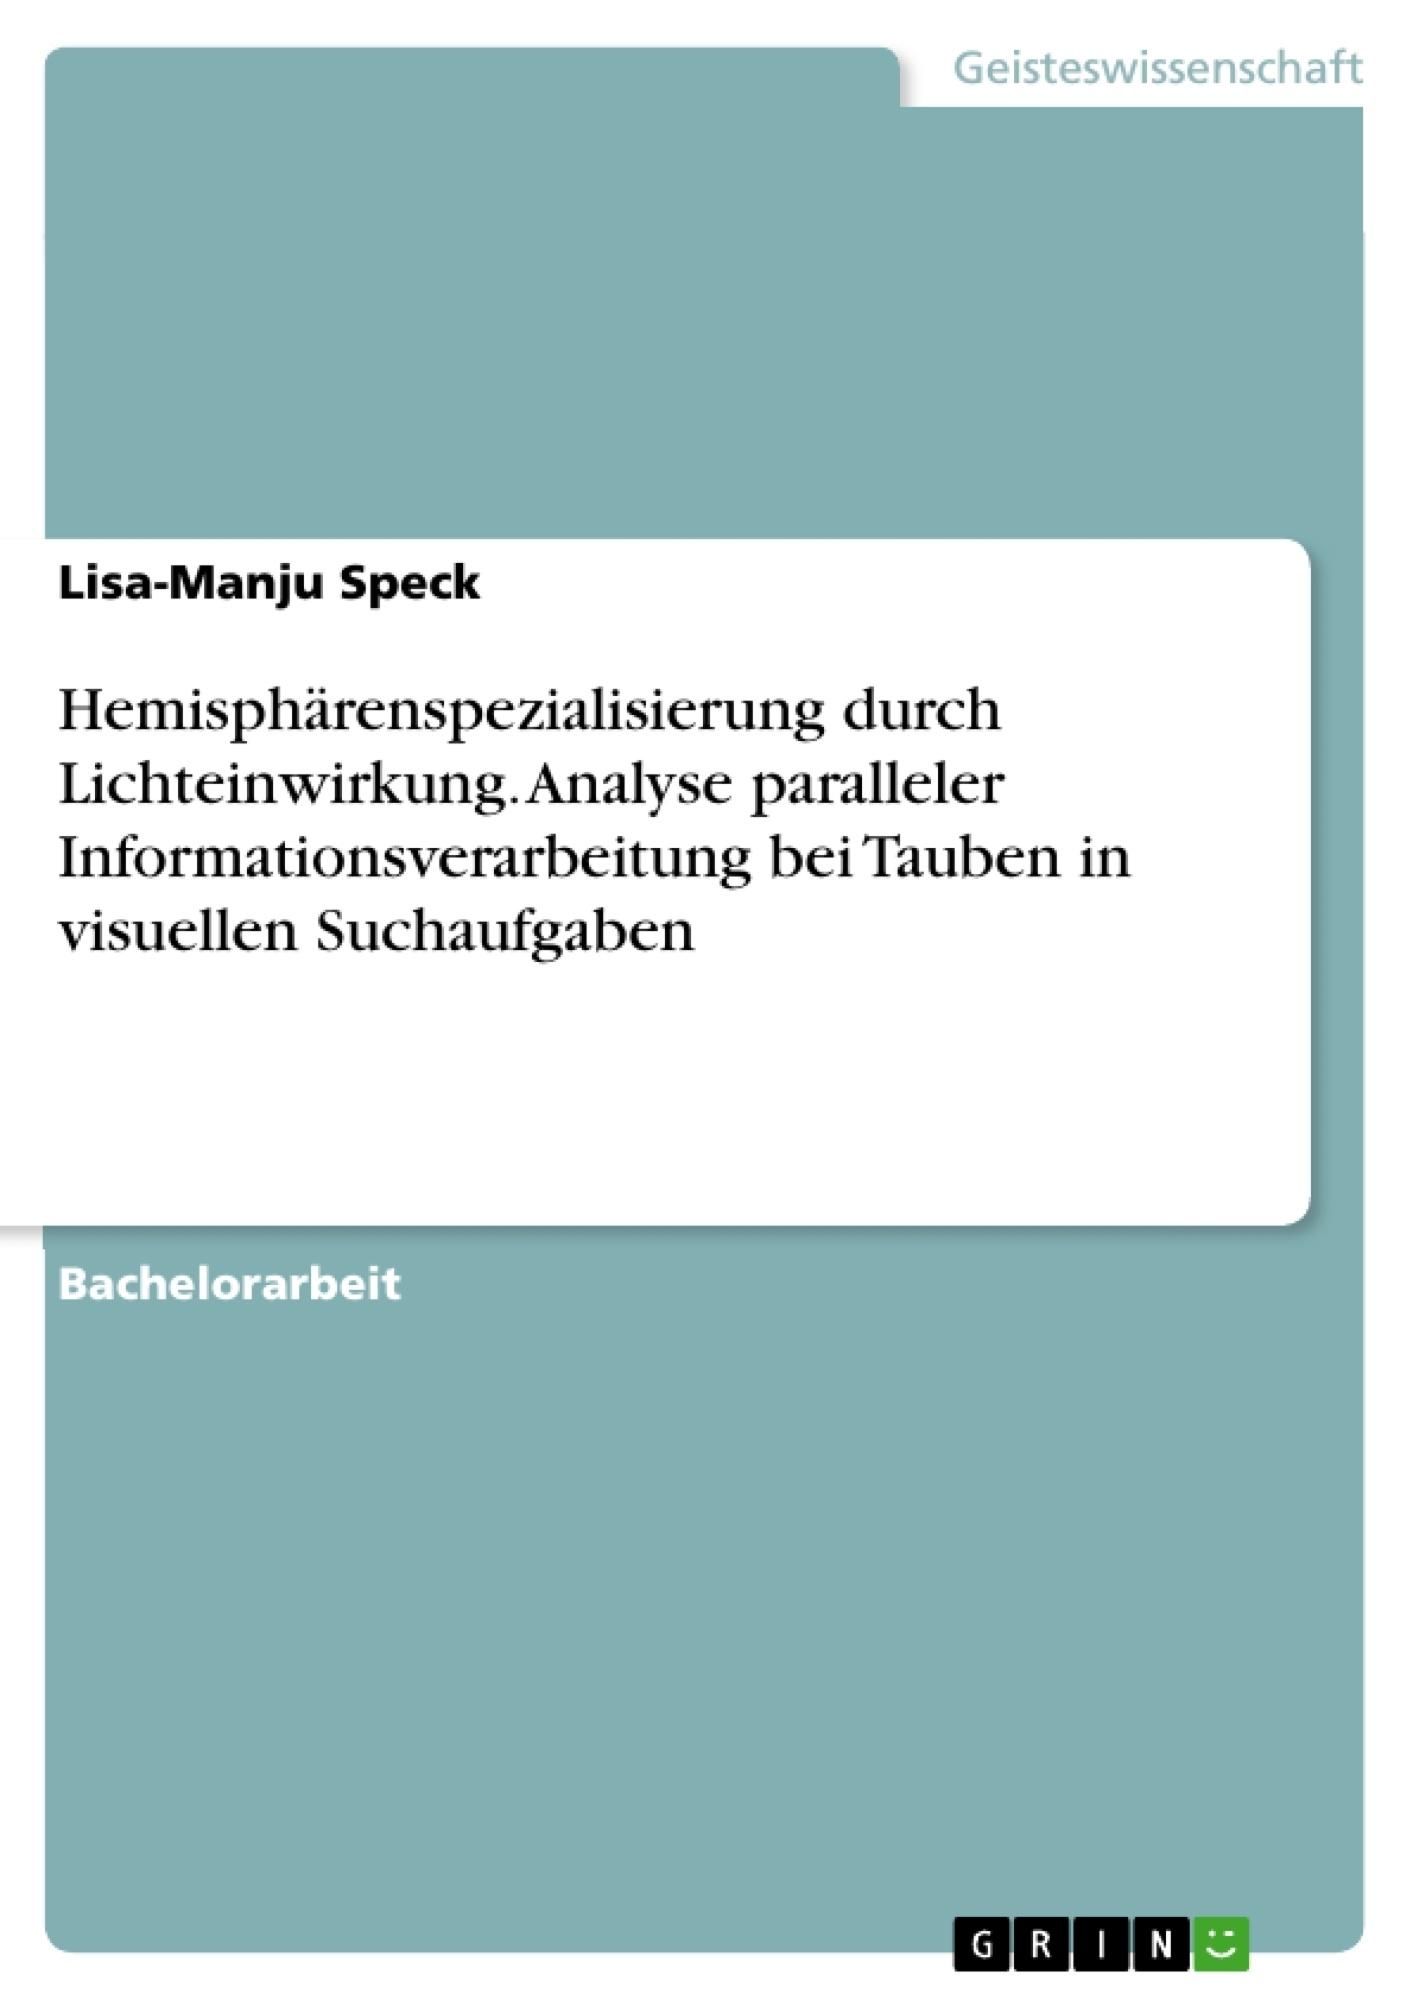 Titel: Hemisphärenspezialisierung durch Lichteinwirkung. Analyse paralleler Informationsverarbeitung bei Tauben in visuellen Suchaufgaben